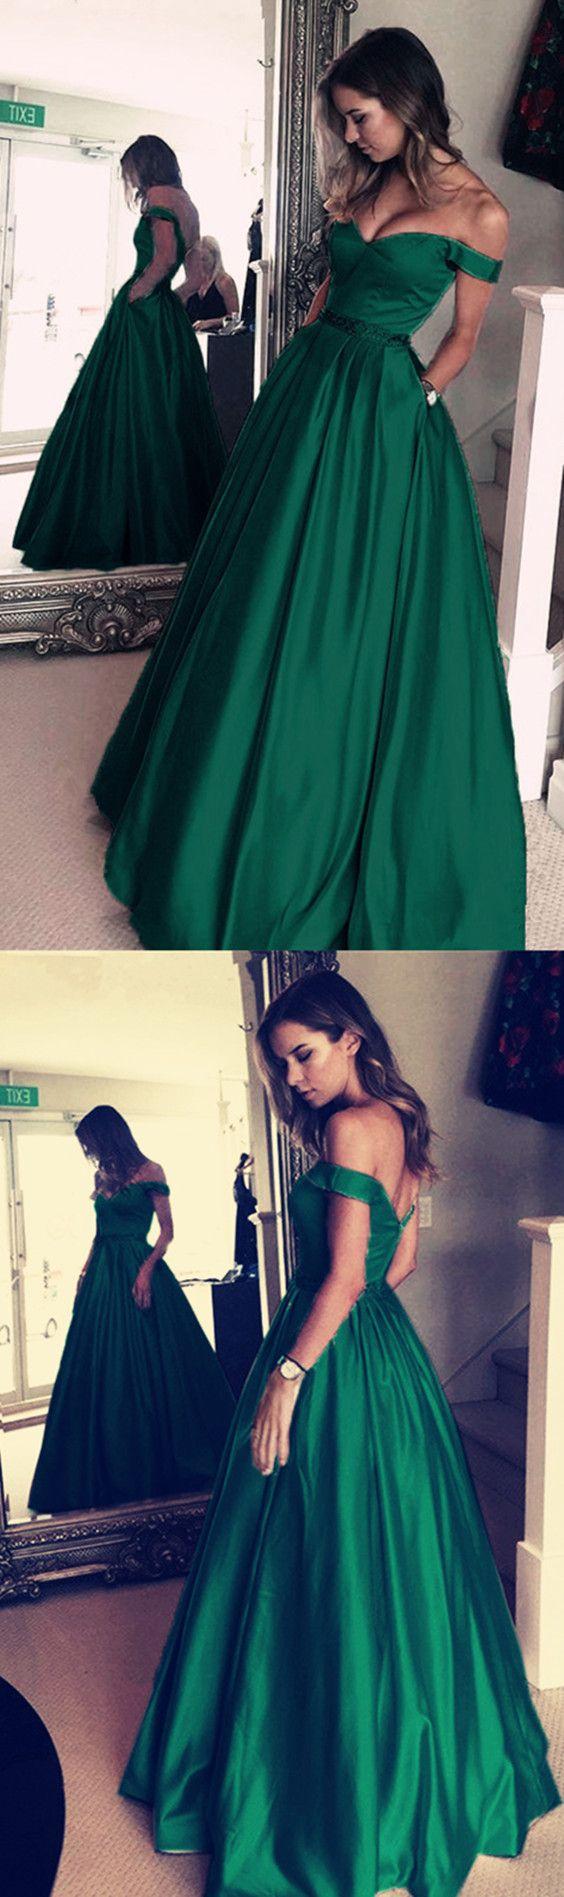 Hunter Green Prom Dress,Off Shoulder Evening Dress,MB 399 · Ms Black ...